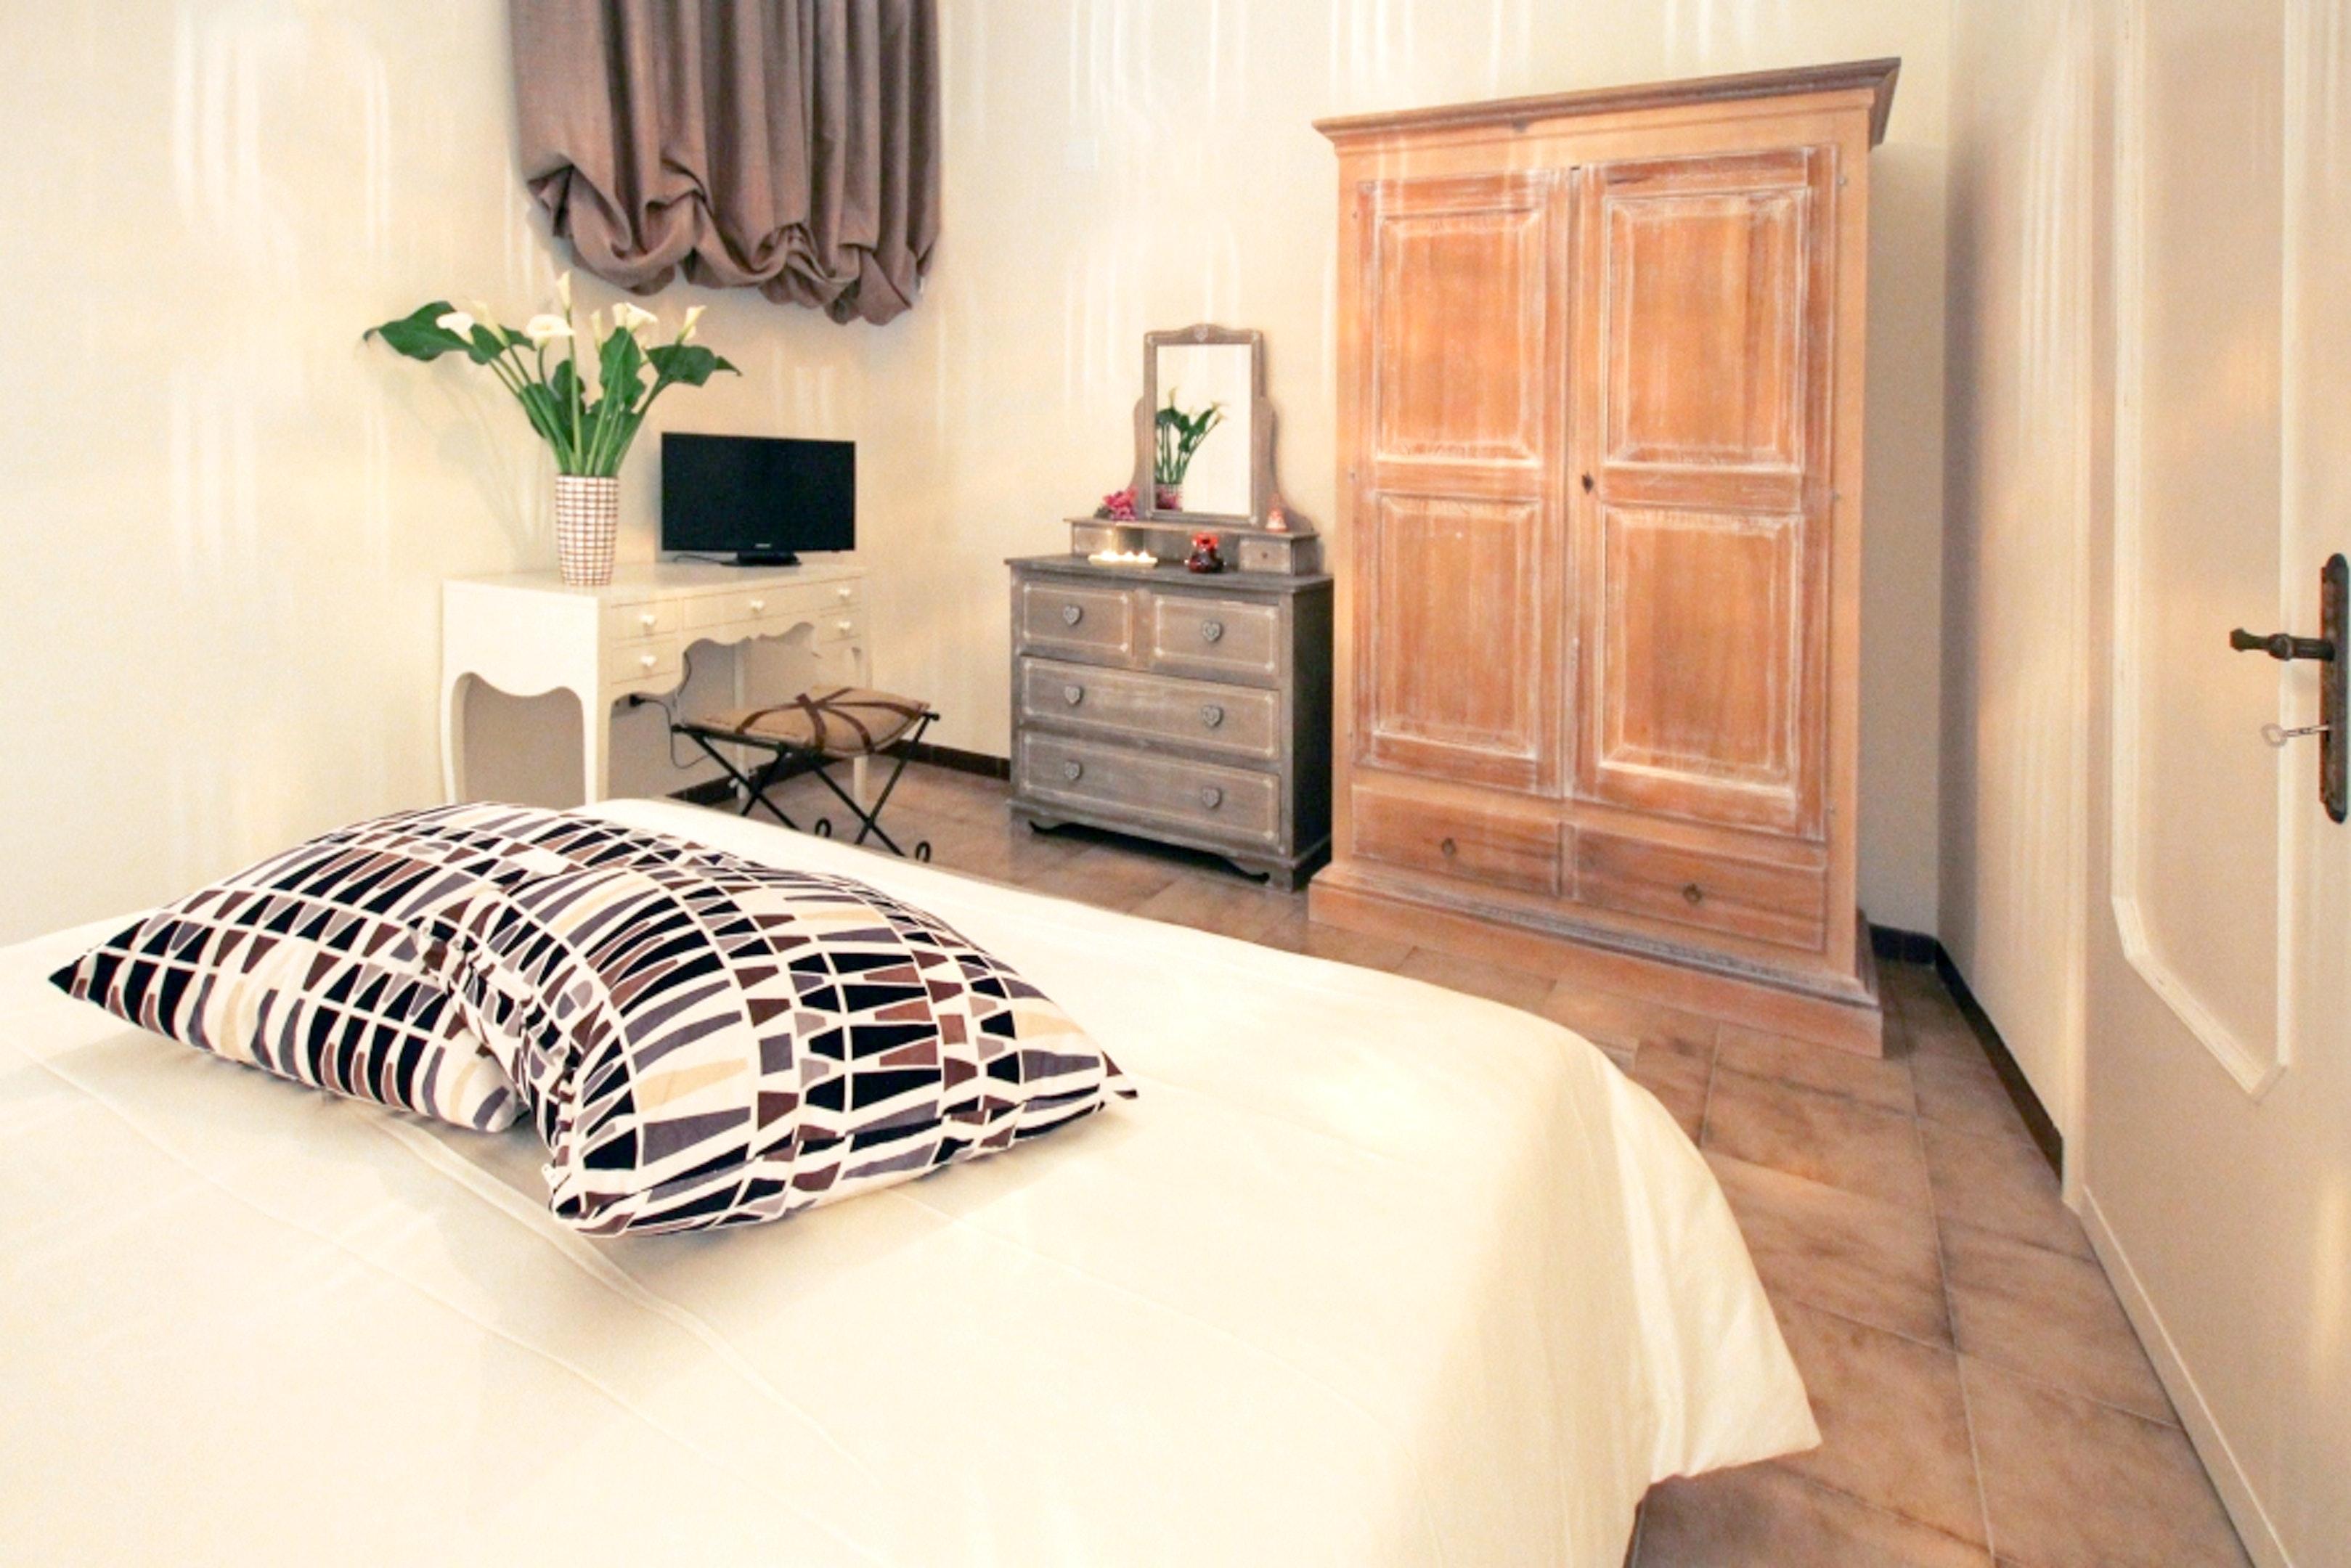 Ferienwohnung Wohnung mit 2 Schlafzimmern in Alberobello mit schöner Aussicht auf die Stadt und W-LAN -  (2201240), Alberobello, Bari, Apulien, Italien, Bild 14